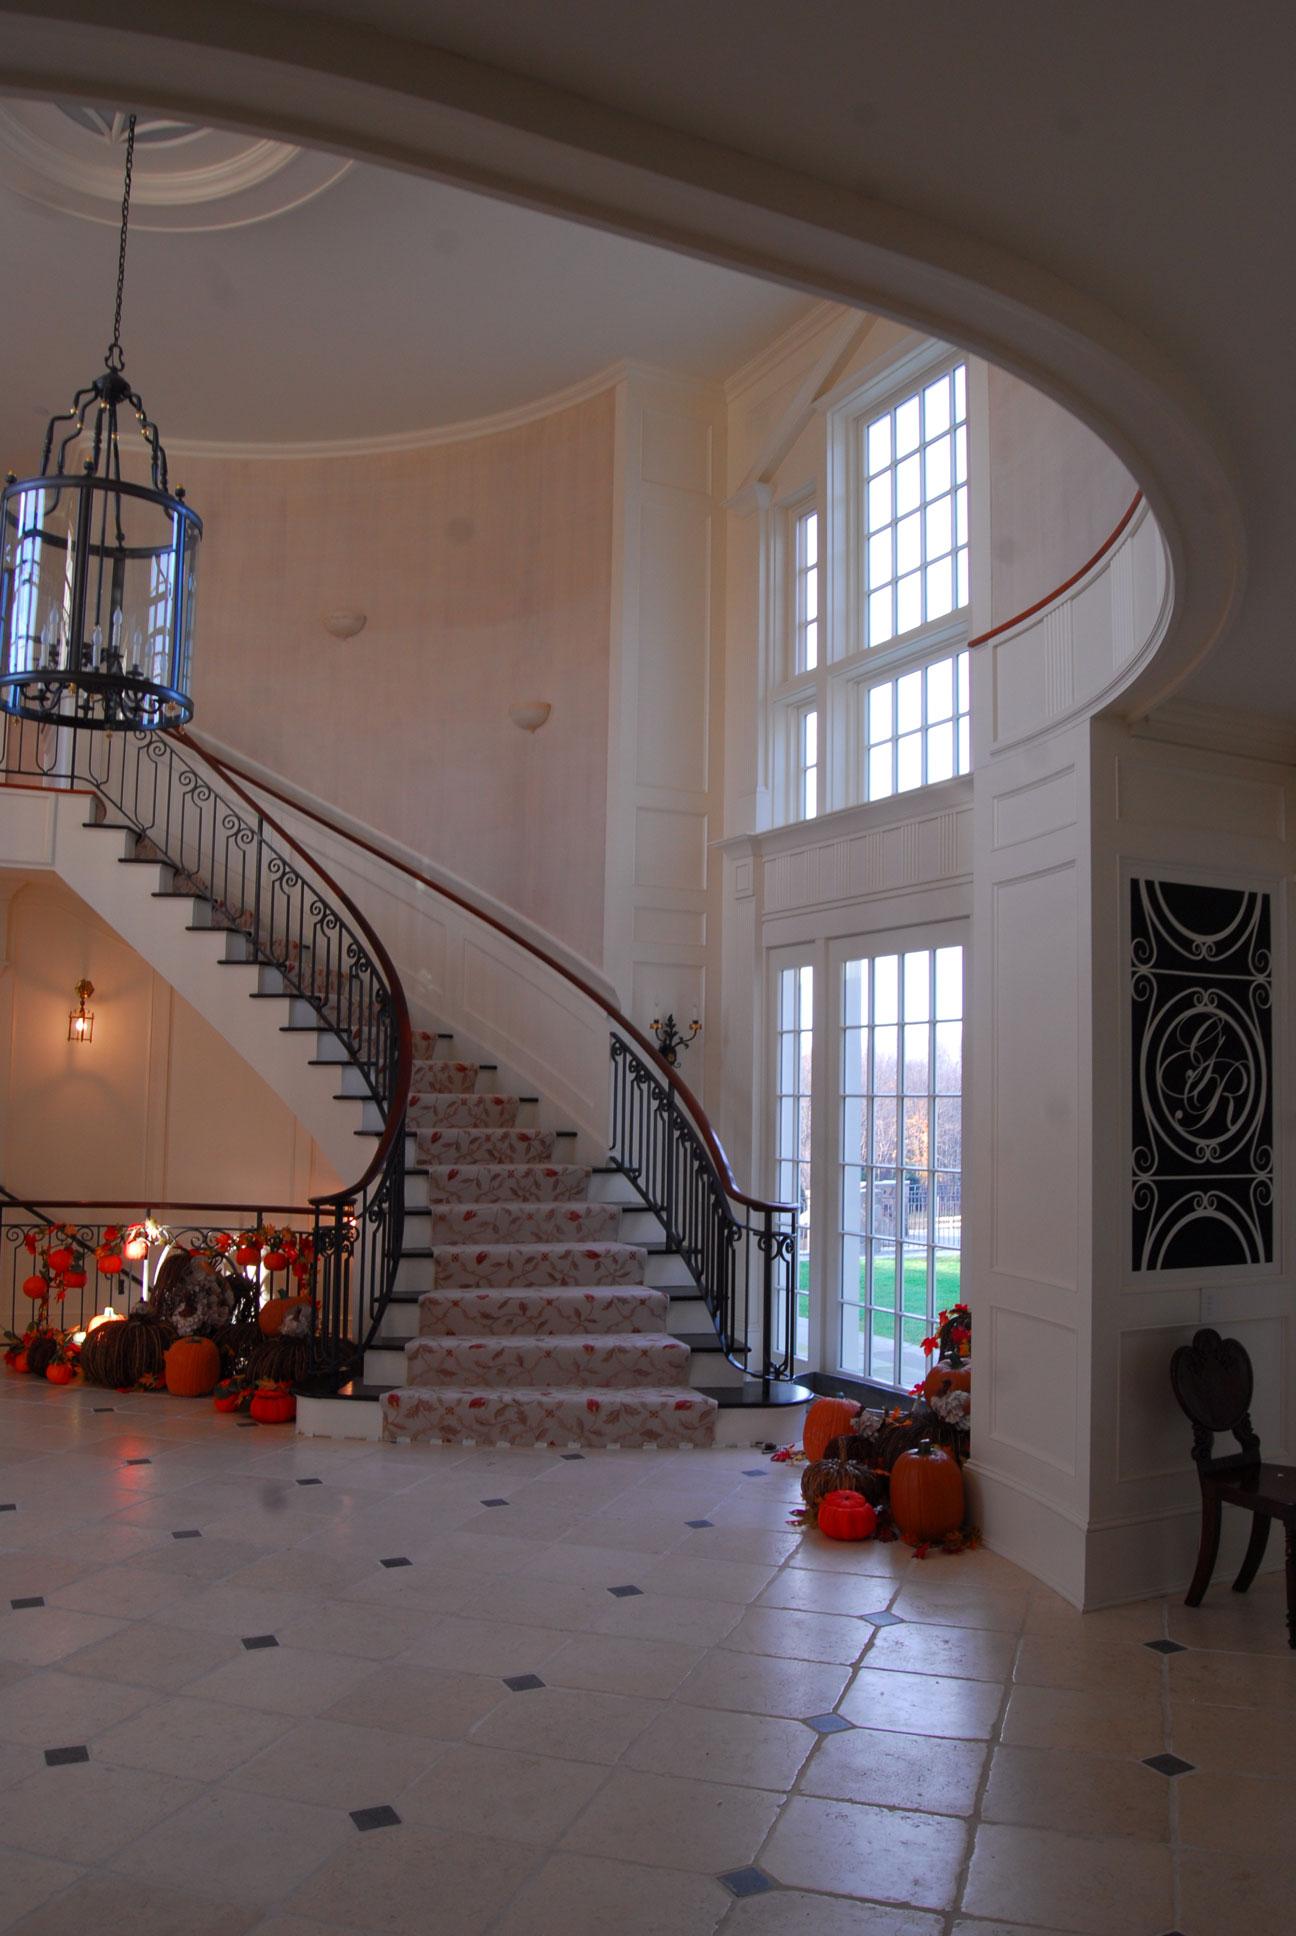 Int---Stair-1.jpg